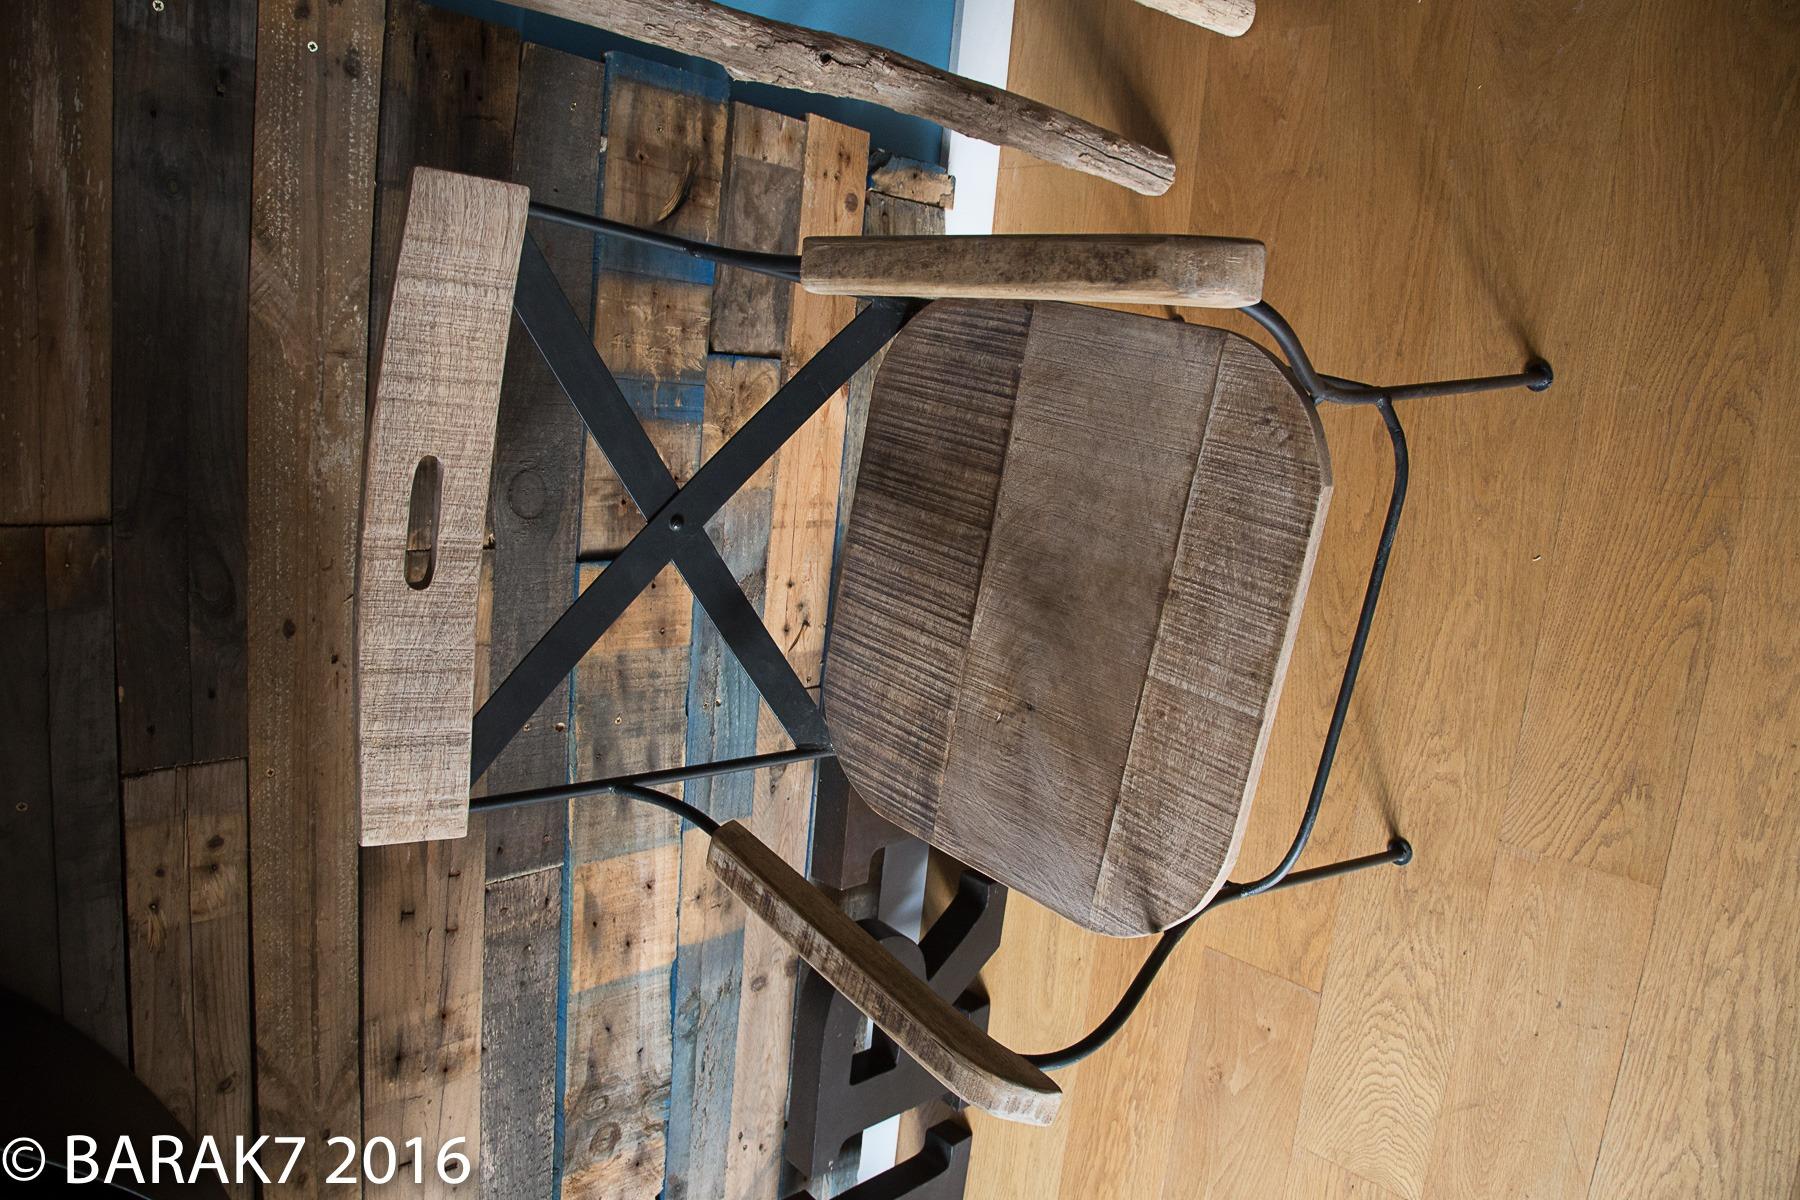 Chaise industrielle bois et métal croisillons Colombus